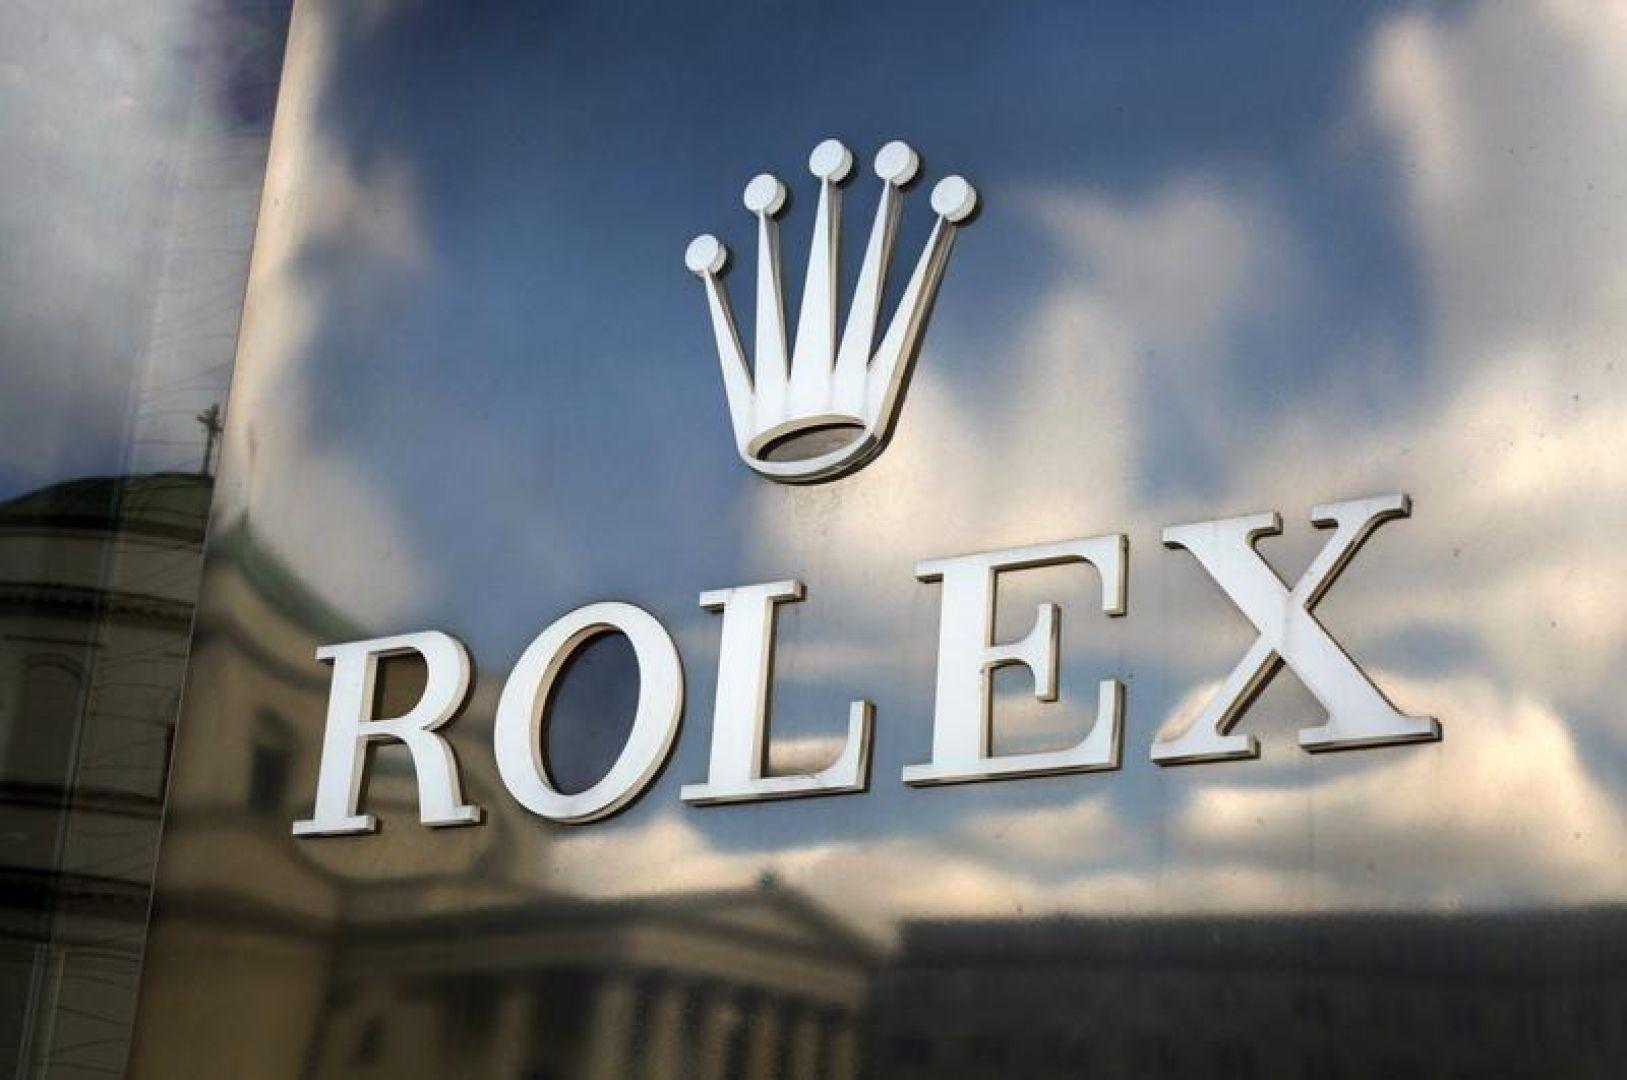 De historie van Rolex (infographic)